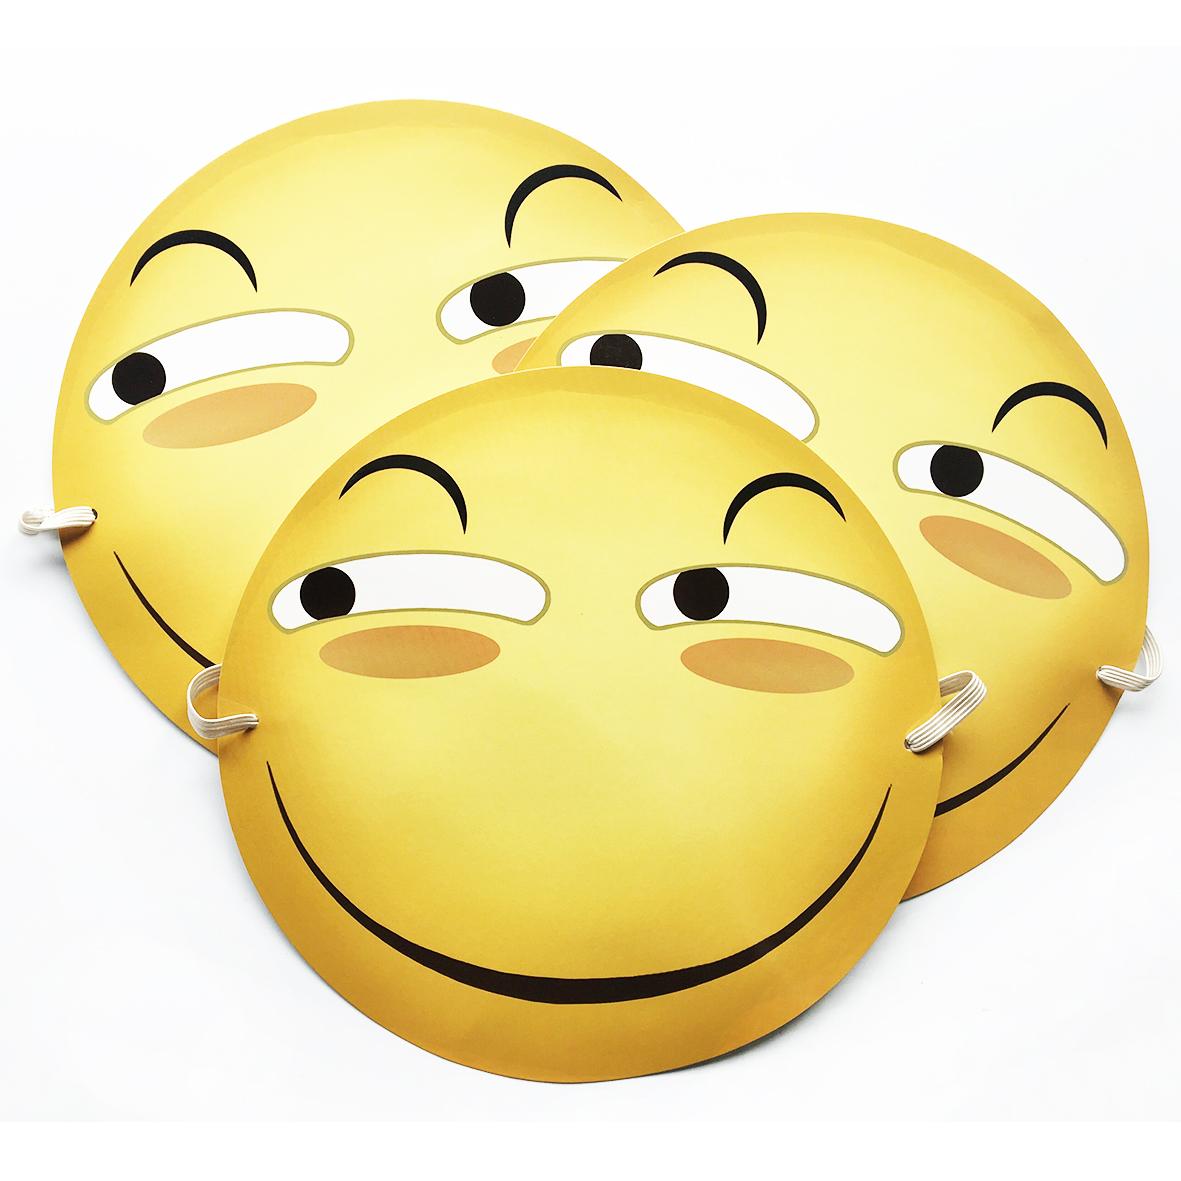 动画[搞笑变形金刚正品]变形金刚搞笑动画片评大话西游表情动态包2图